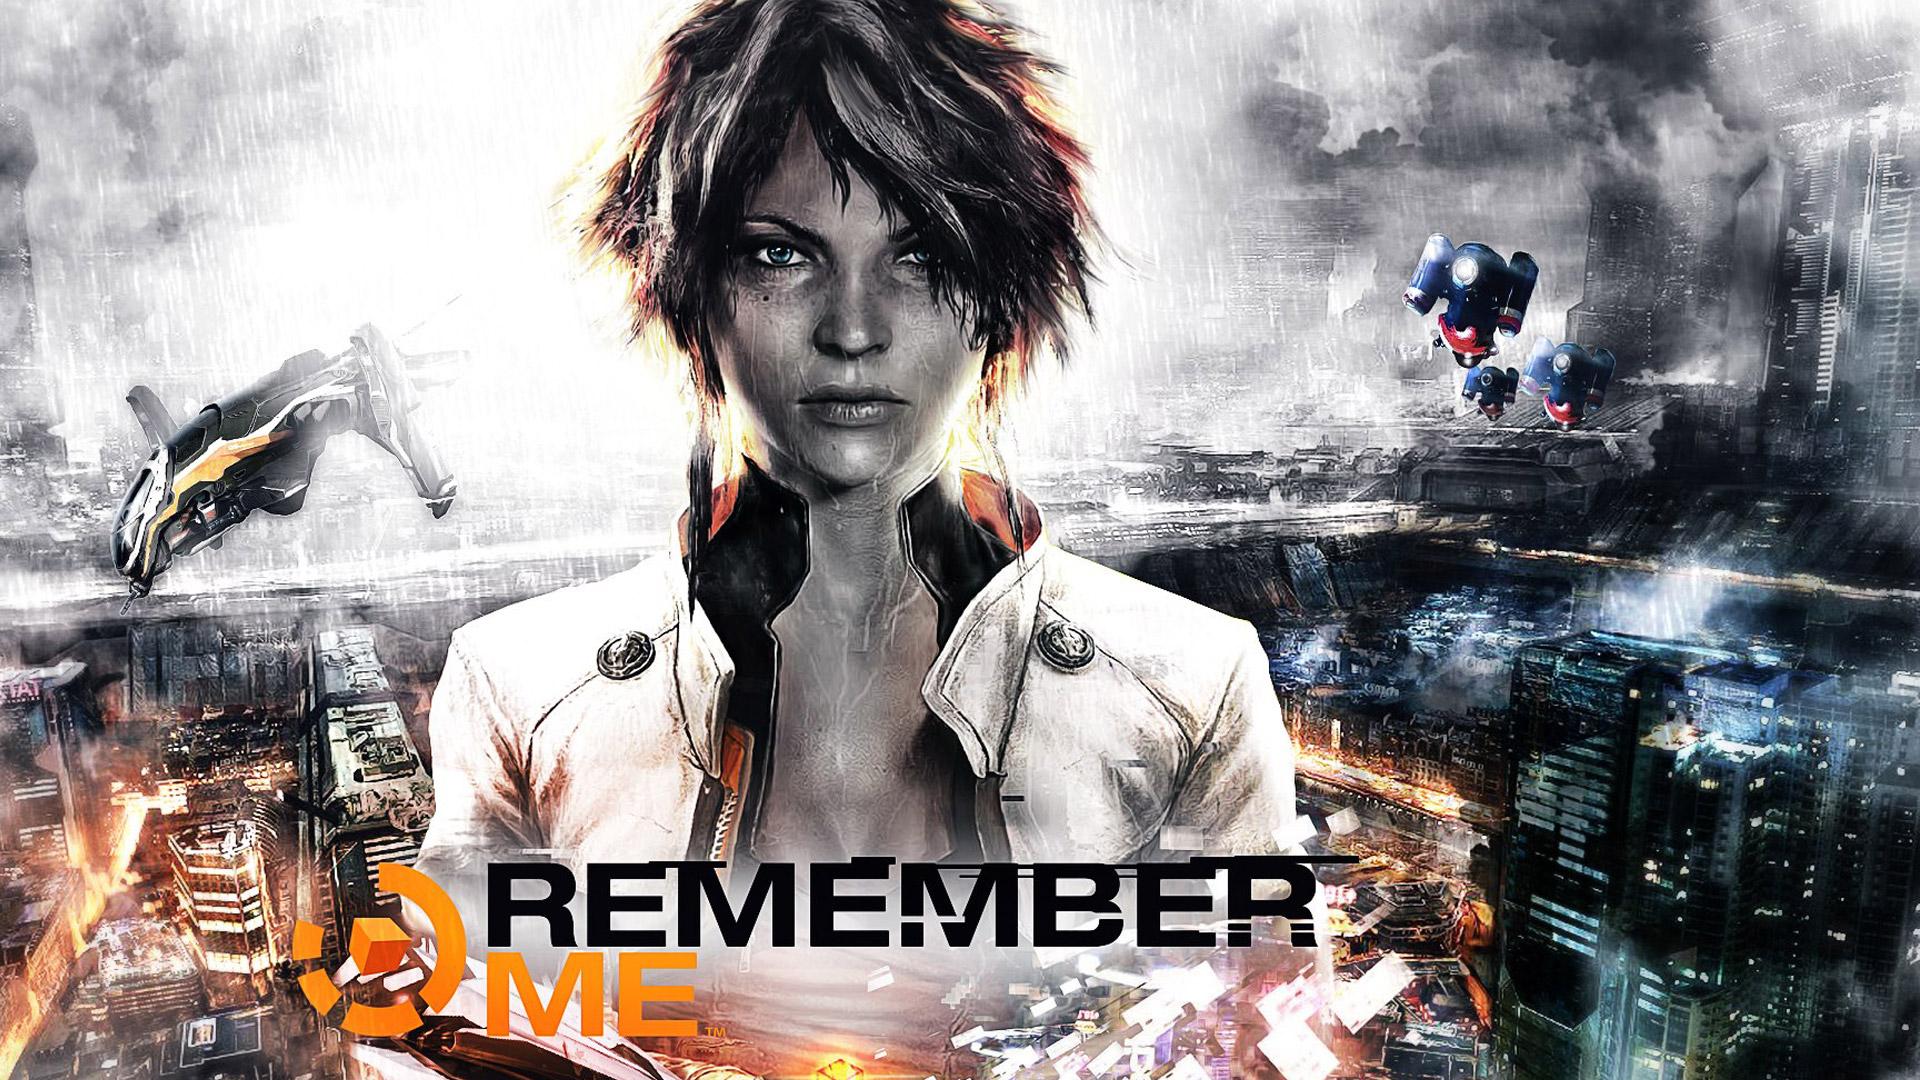 Remember Me wallpaper 1